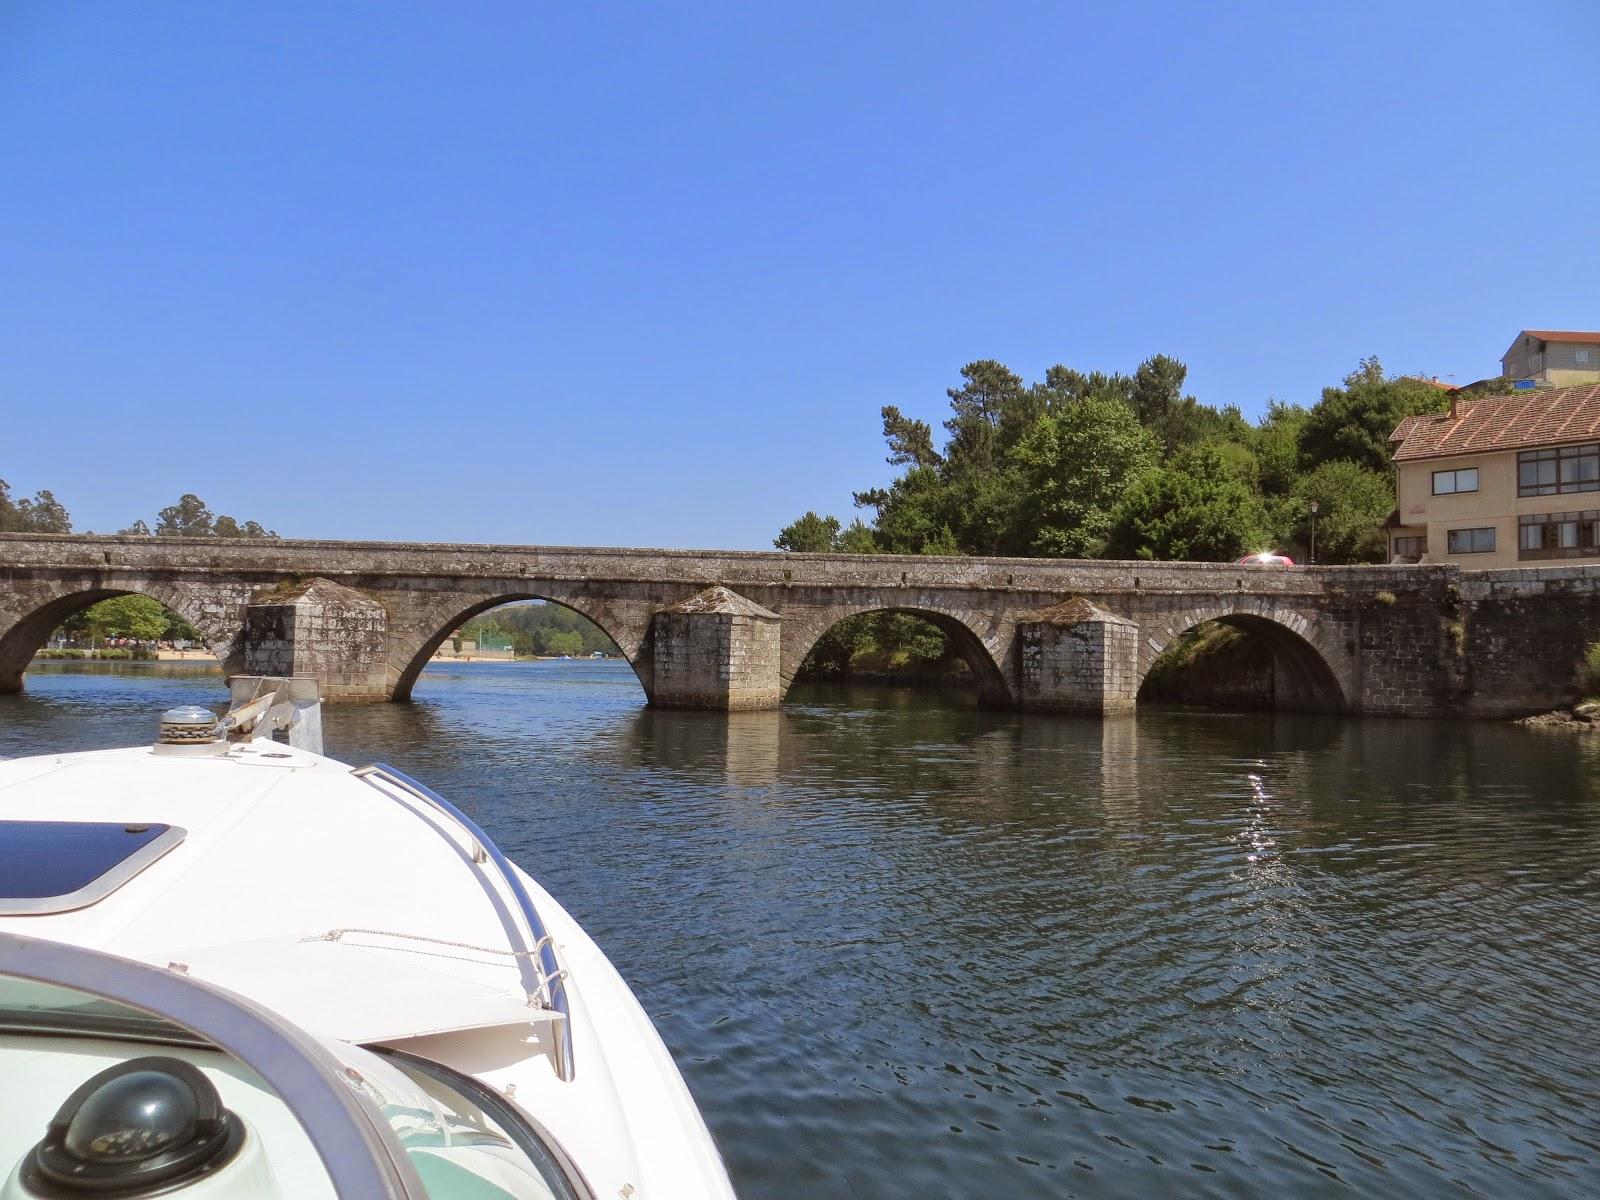 Ponte San Paio, Ensenada de san Simón